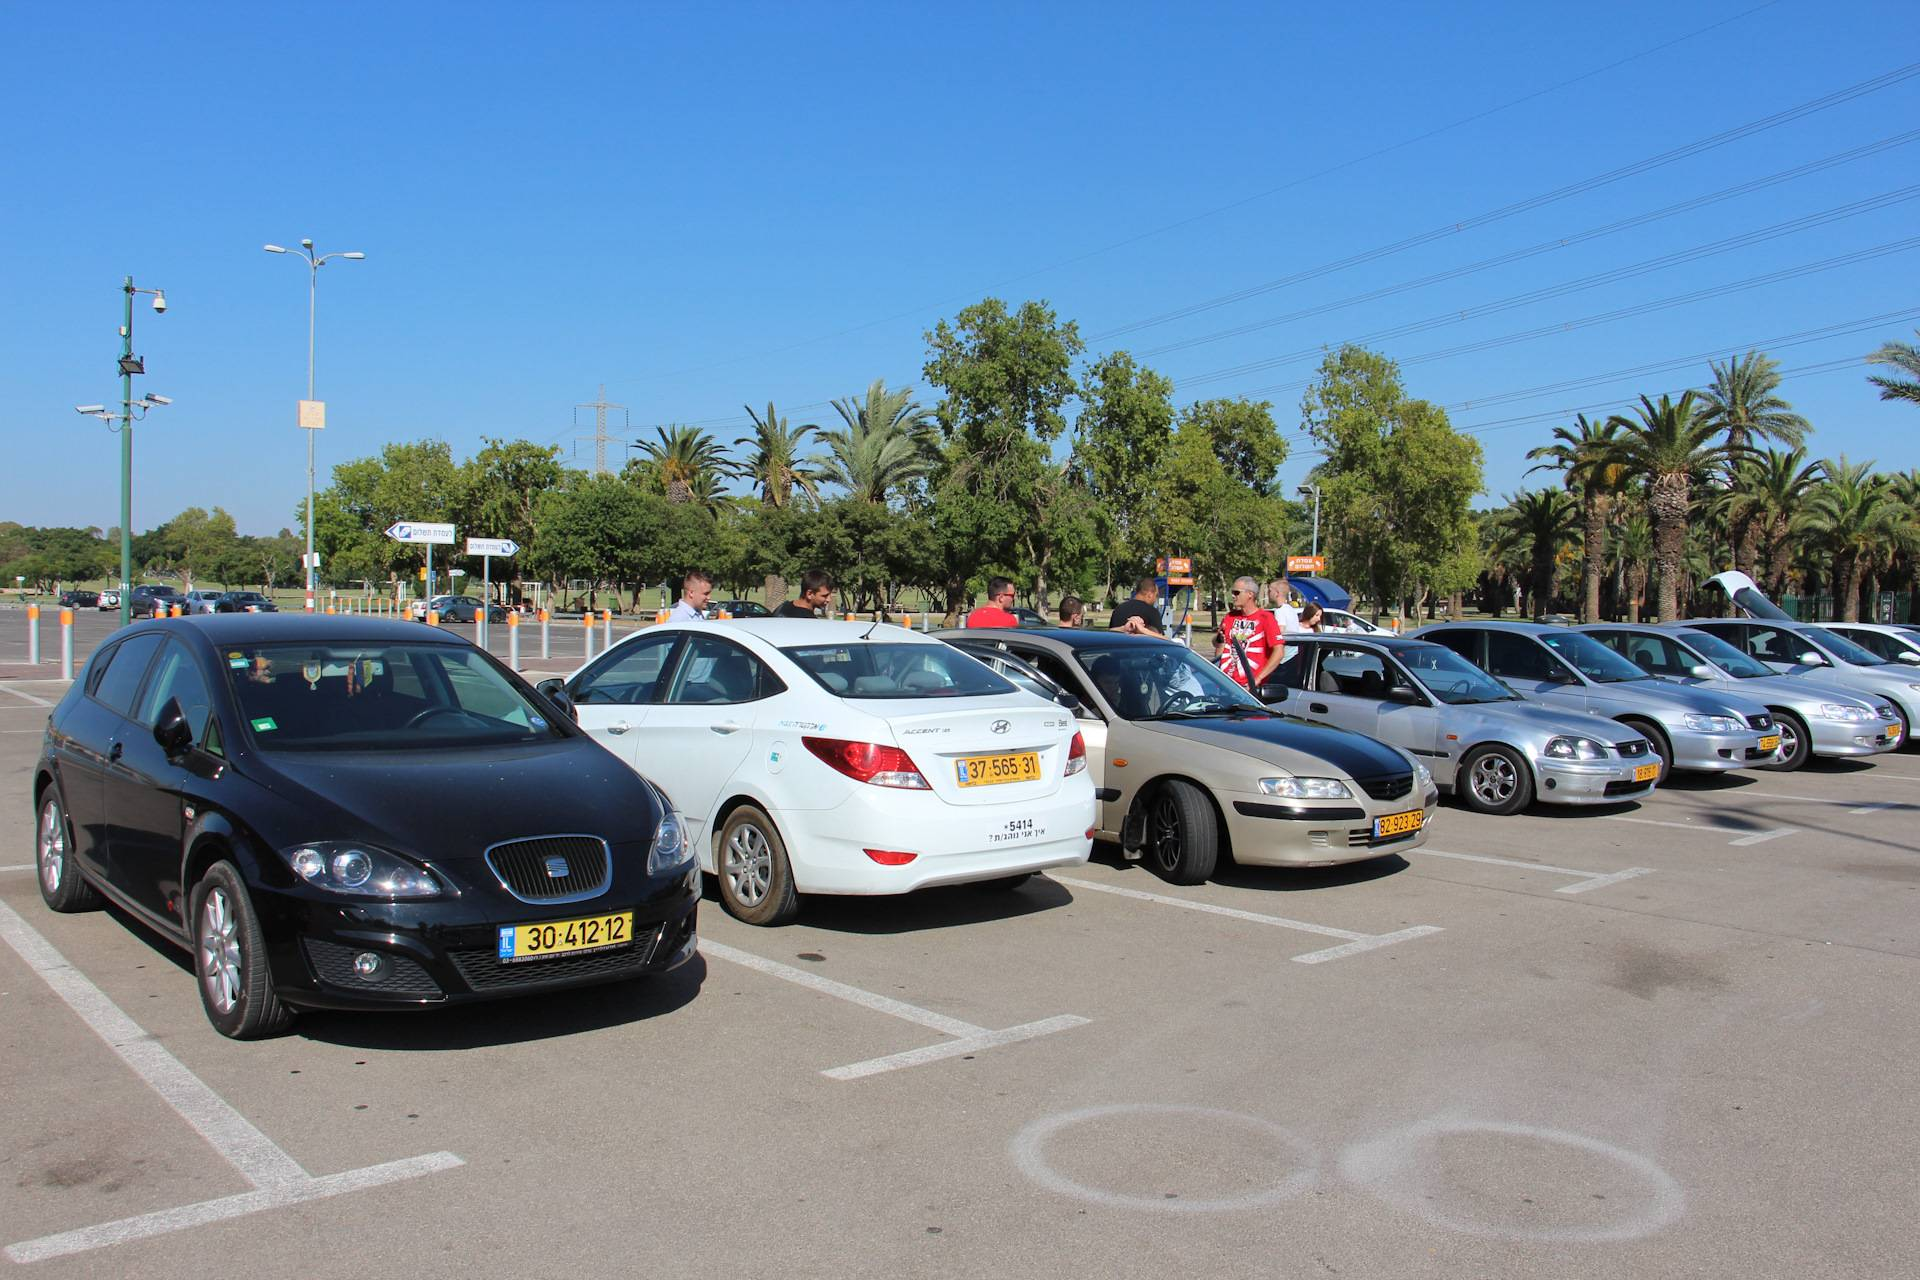 Сколько стоит автомобиль в израиле? — иммигрант сегодня